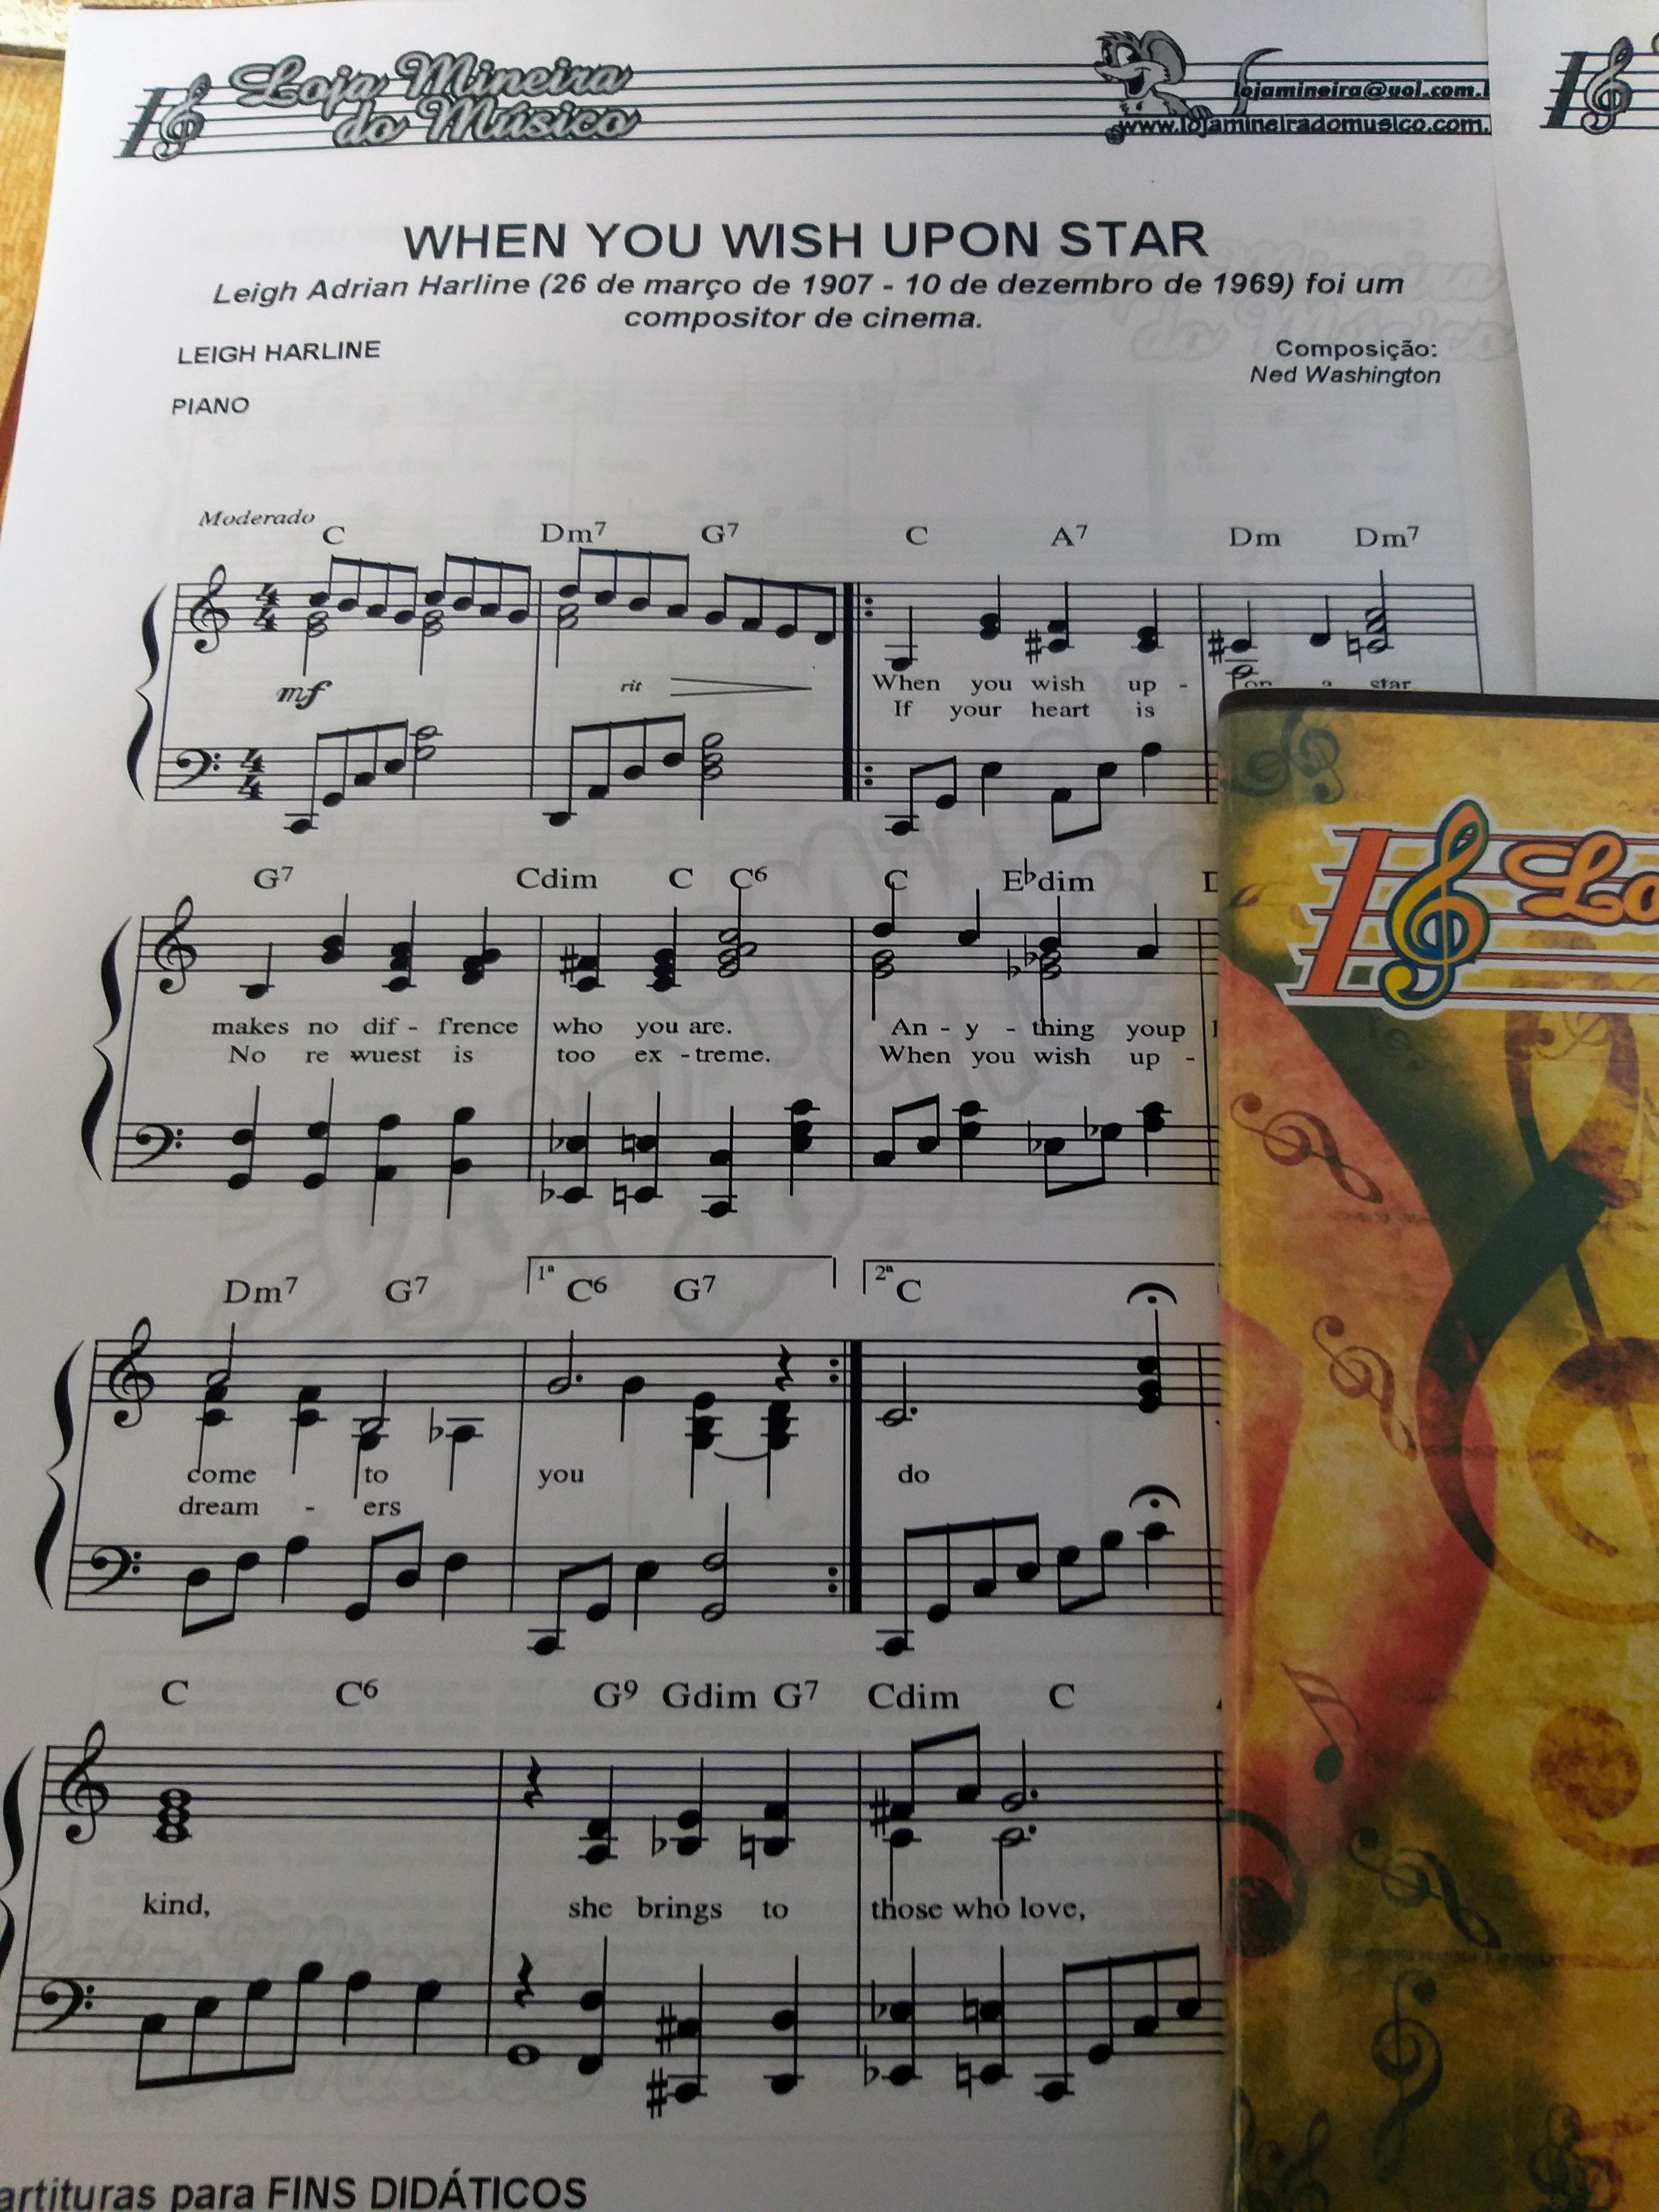 When You Wish upon star partitura para piano loja mineira do musico